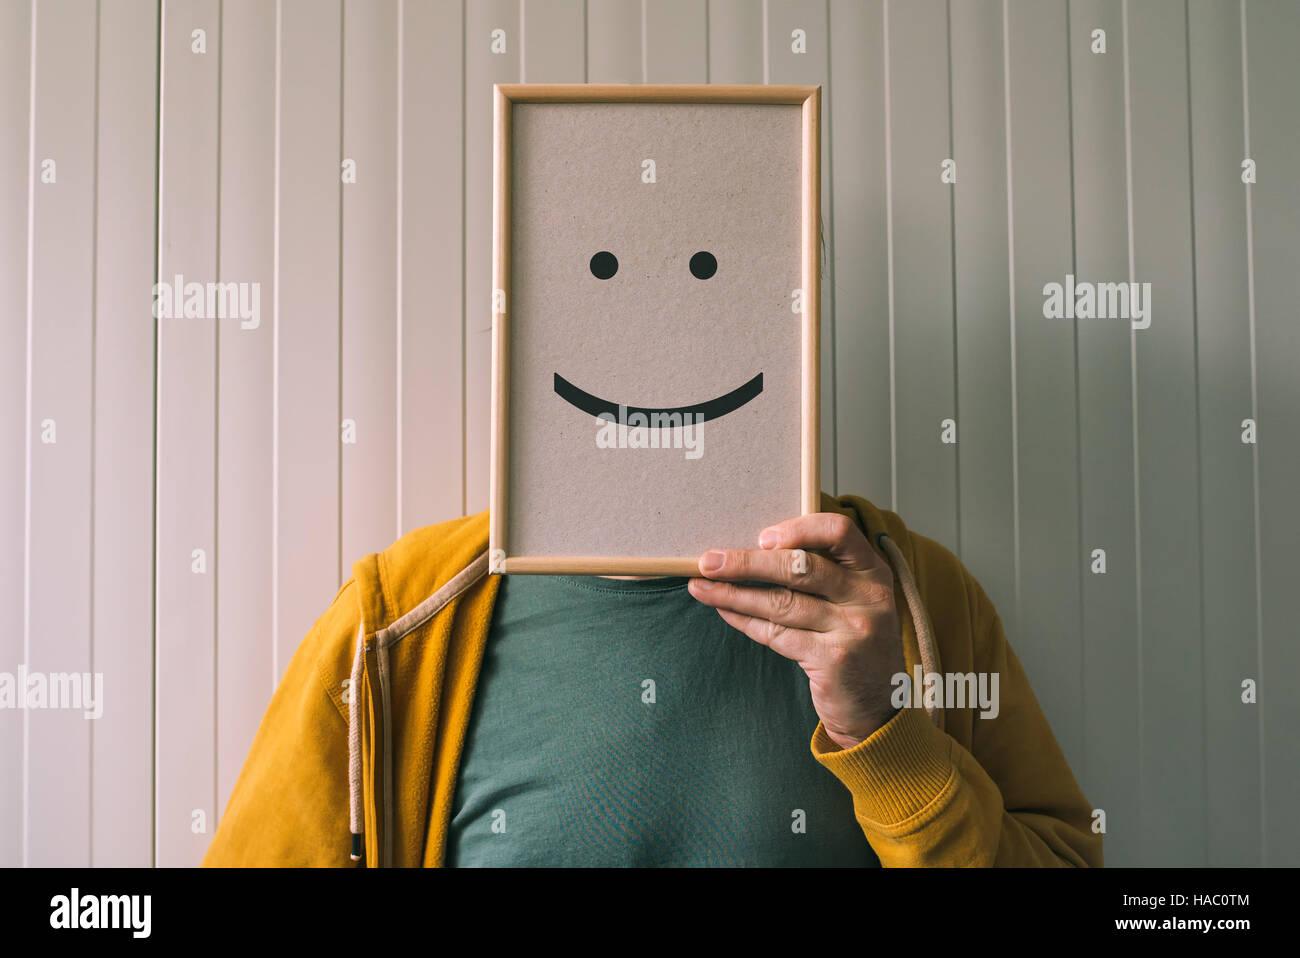 Poner una cara feliz, felicidad y emociones alegres concepto, hombre sujetando el marco de imagen con cara sonriente Imagen De Stock